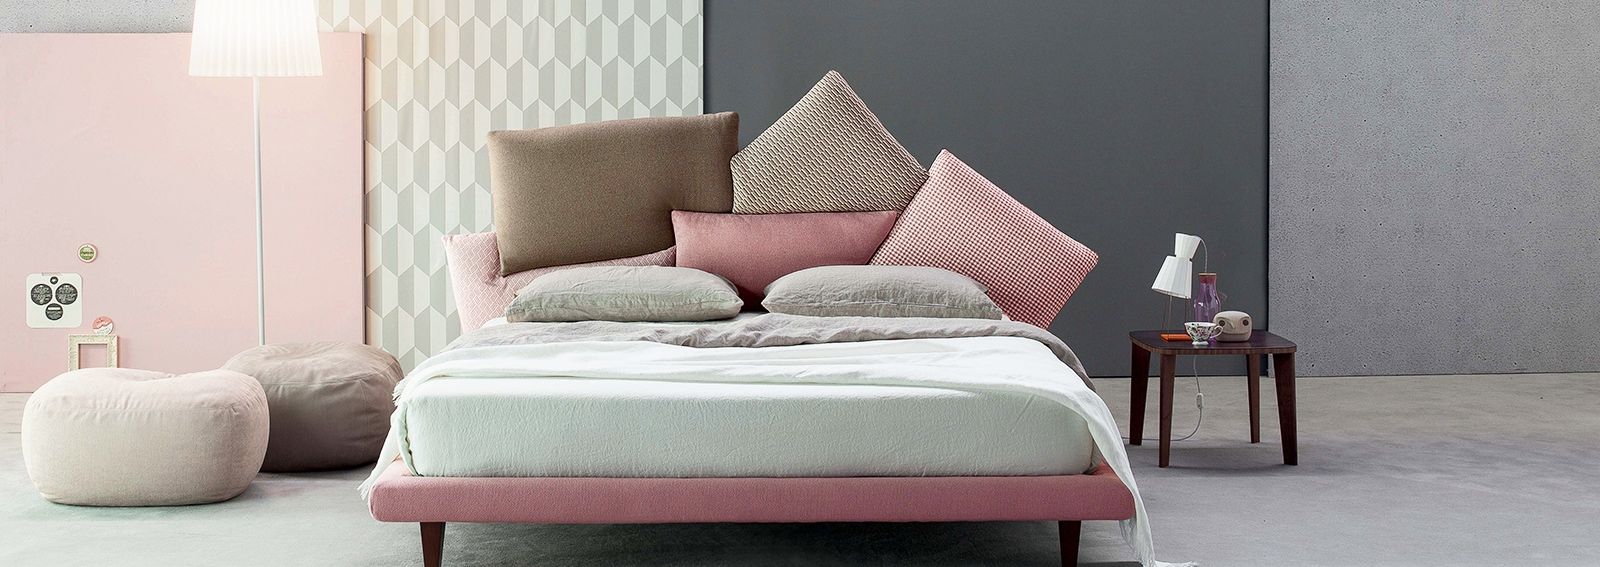 Camere da letto moderne le novit pi belle grazia - Poltrone moderne per camera da letto ...